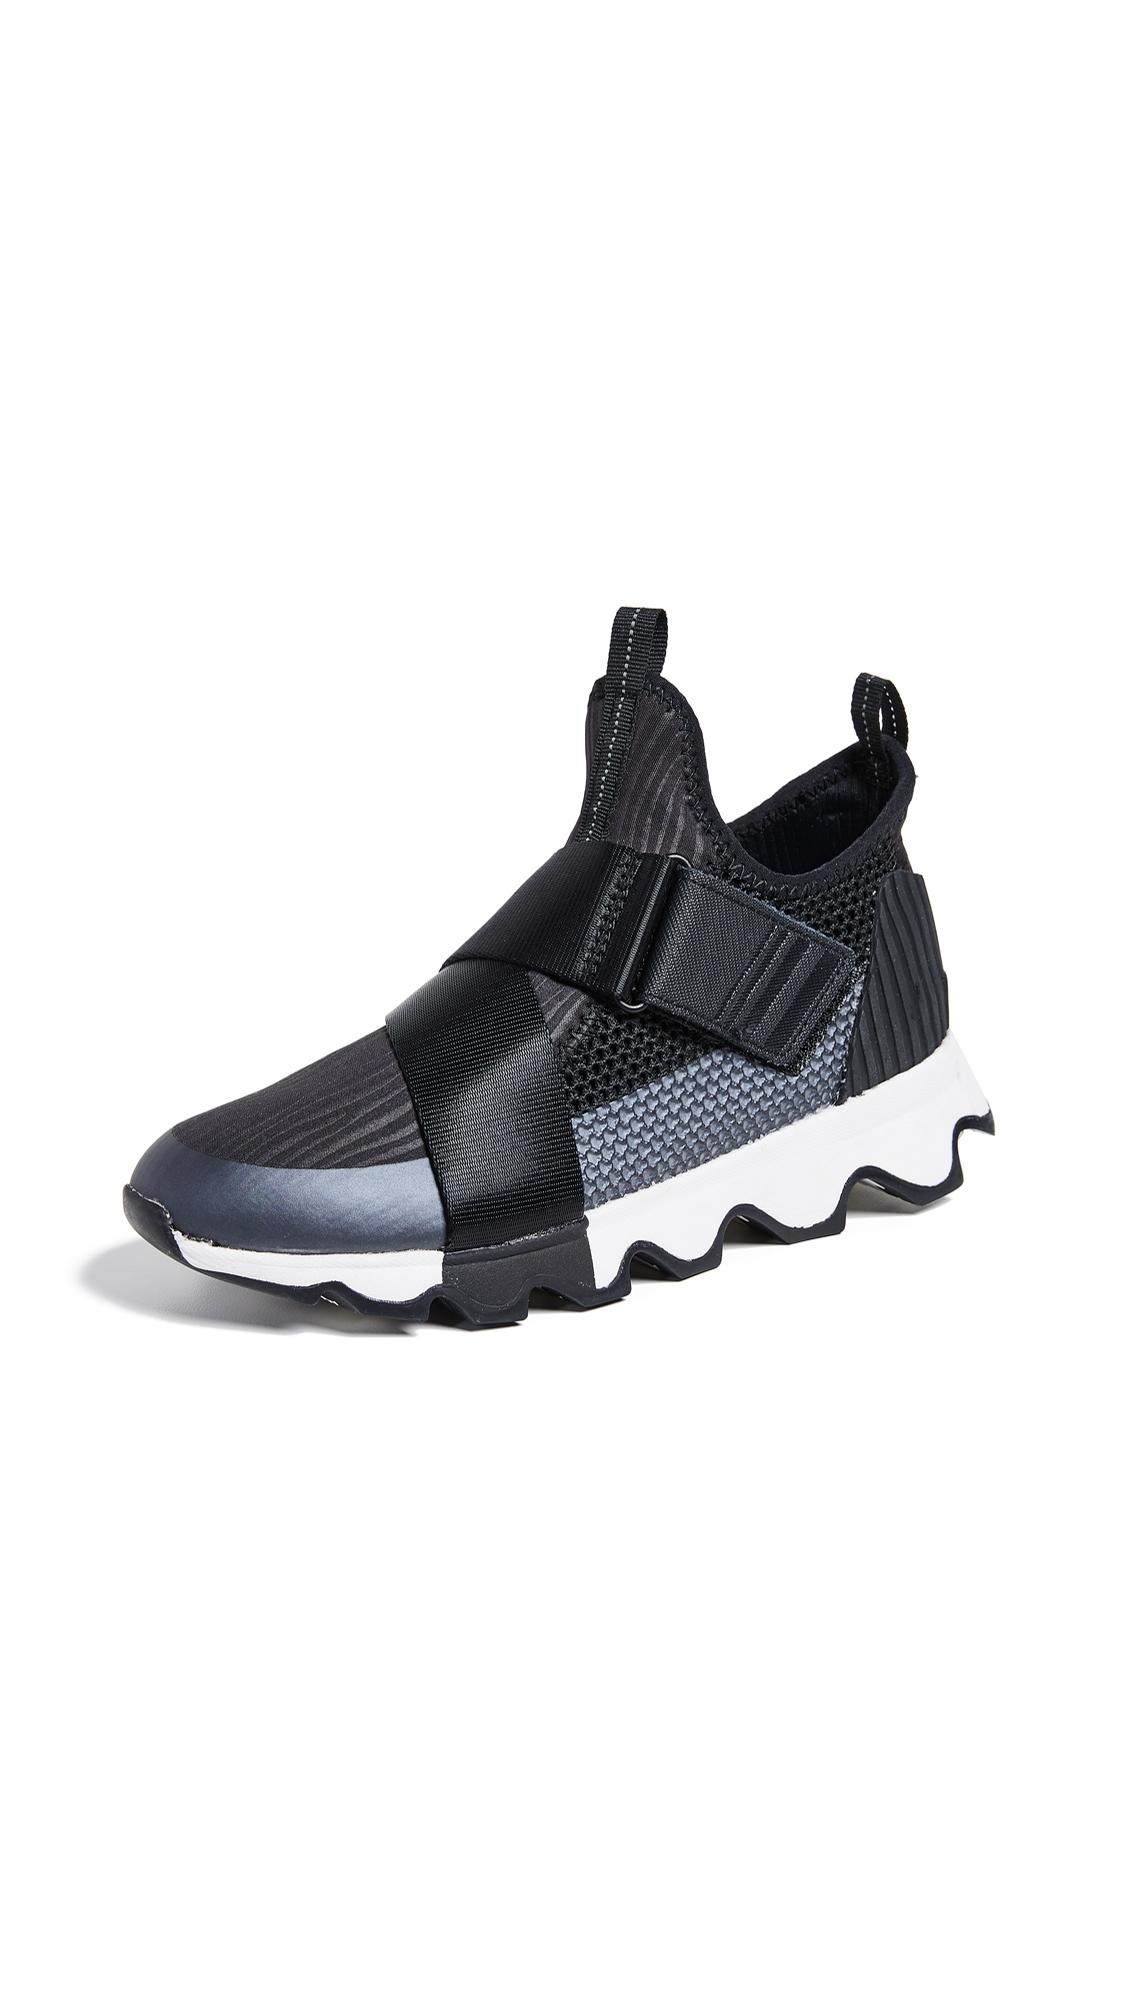 Sorel Kinetic Sneakers - Black/White